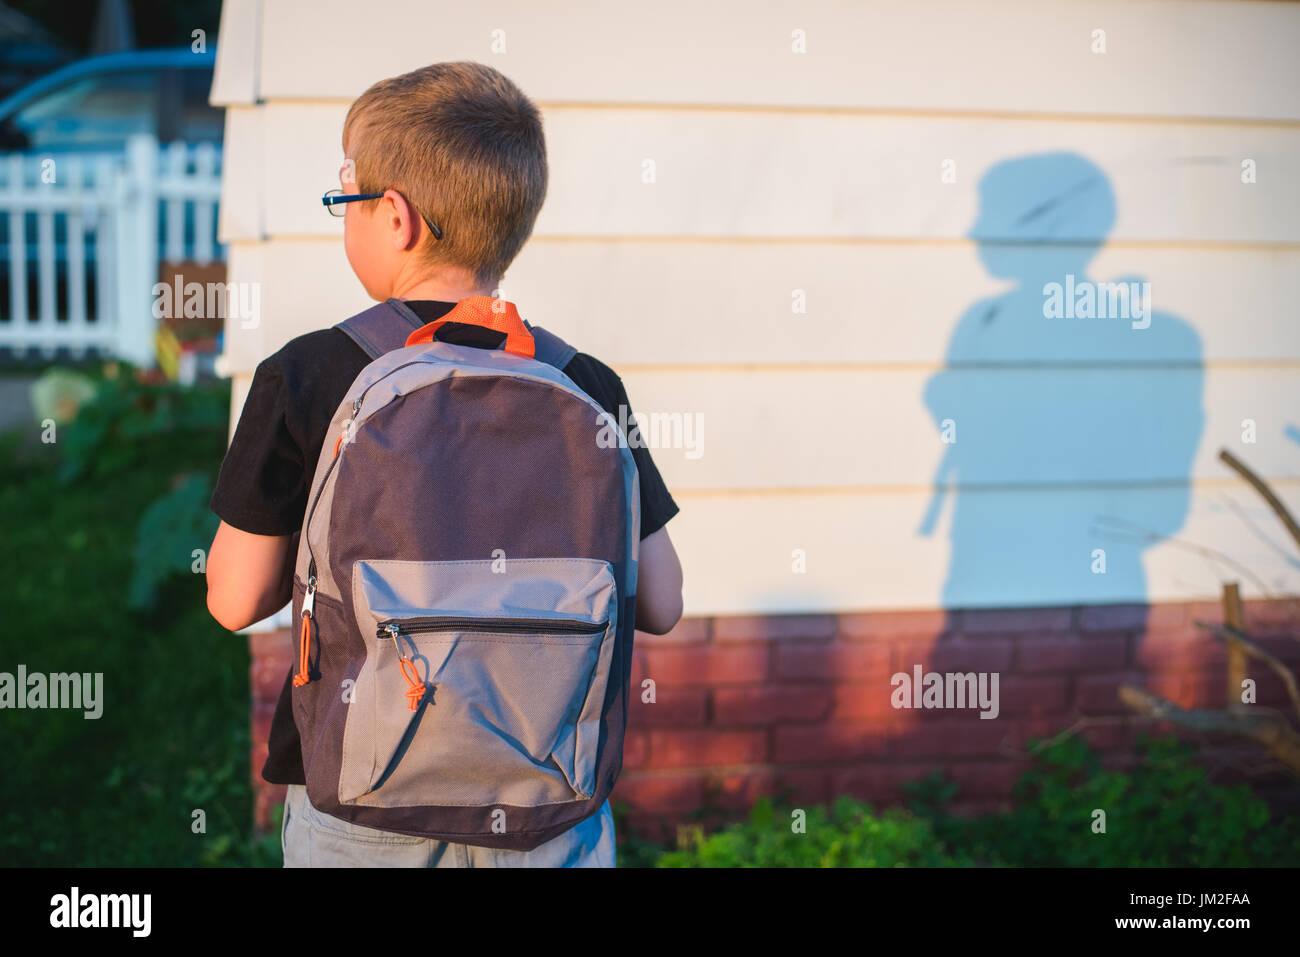 Uno studente che indossa un back pack o prenota sacco e pronto per la scuola. Immagini Stock